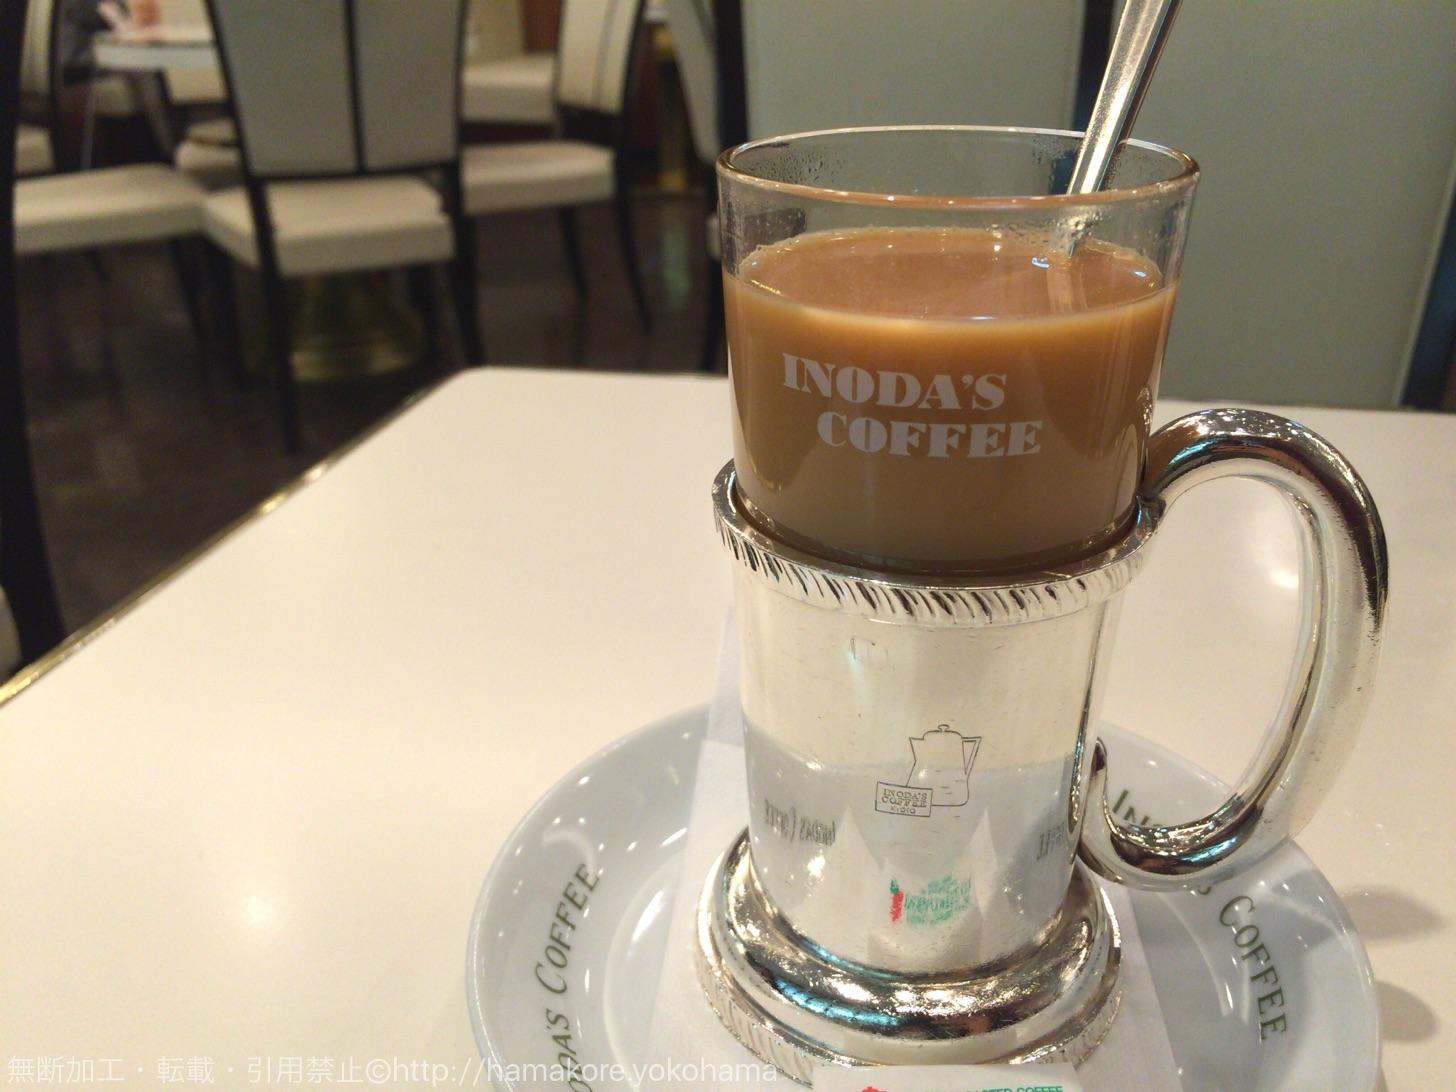 イノダコーヒーのホットティー